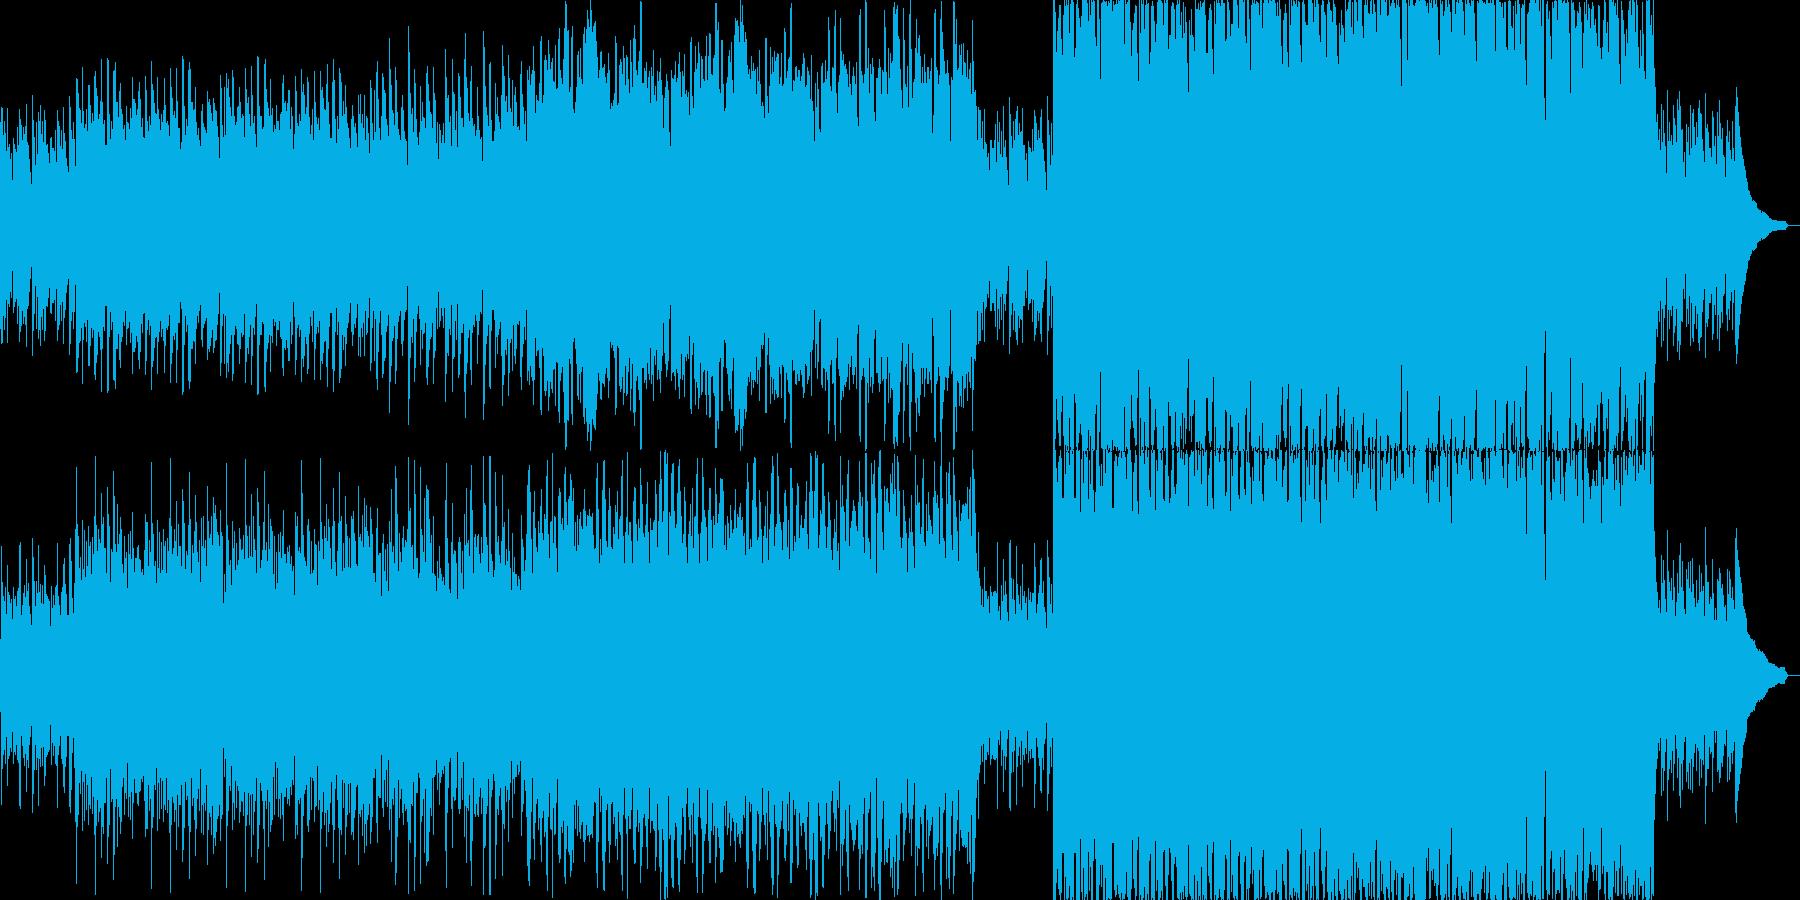 短調のジグ(アイルランド舞曲)の再生済みの波形